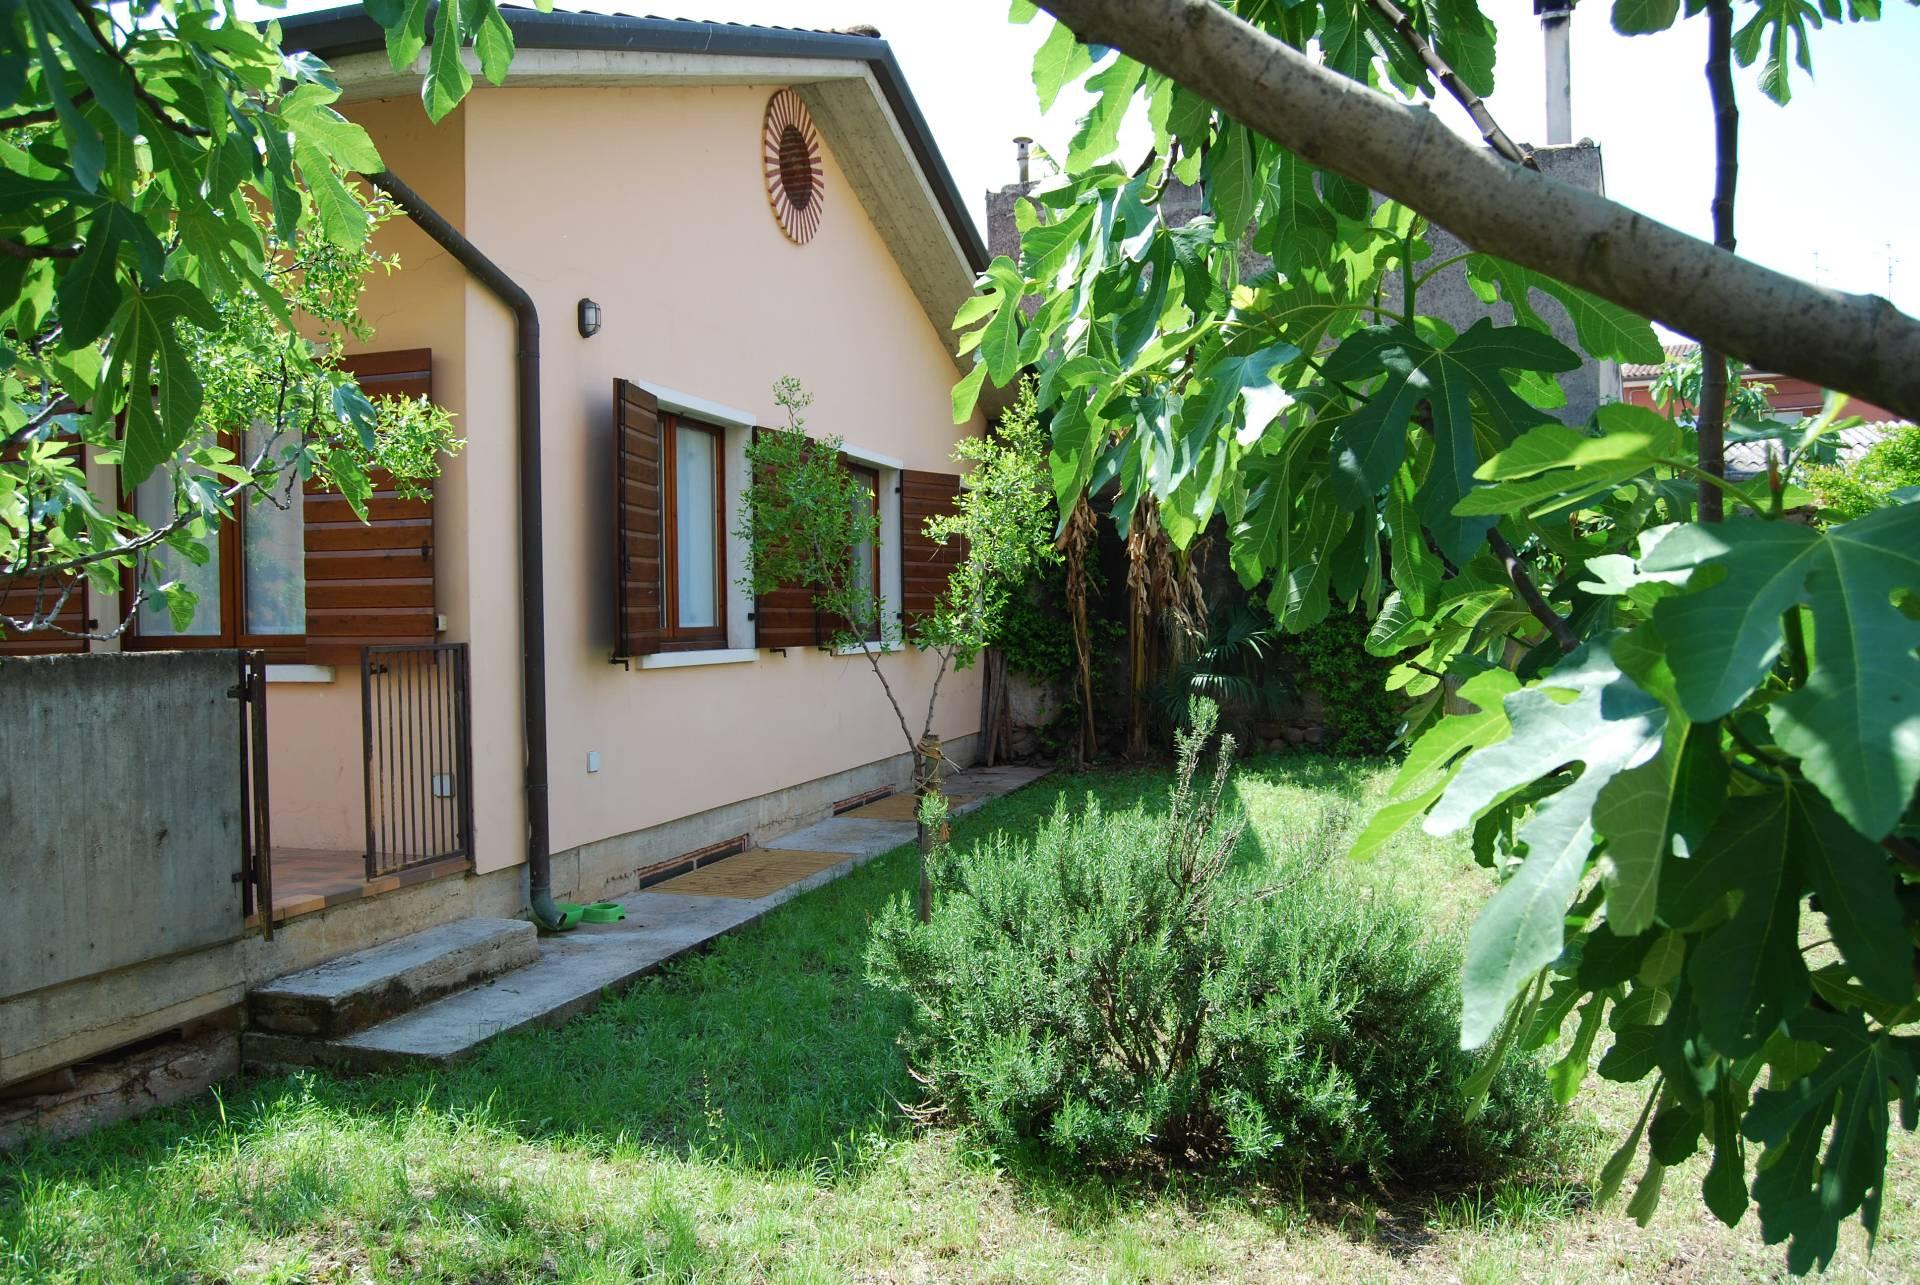 Soluzione Indipendente in vendita a Verona, 7 locali, zona Località: SanMassimo, prezzo € 470.000 | Cambio Casa.it